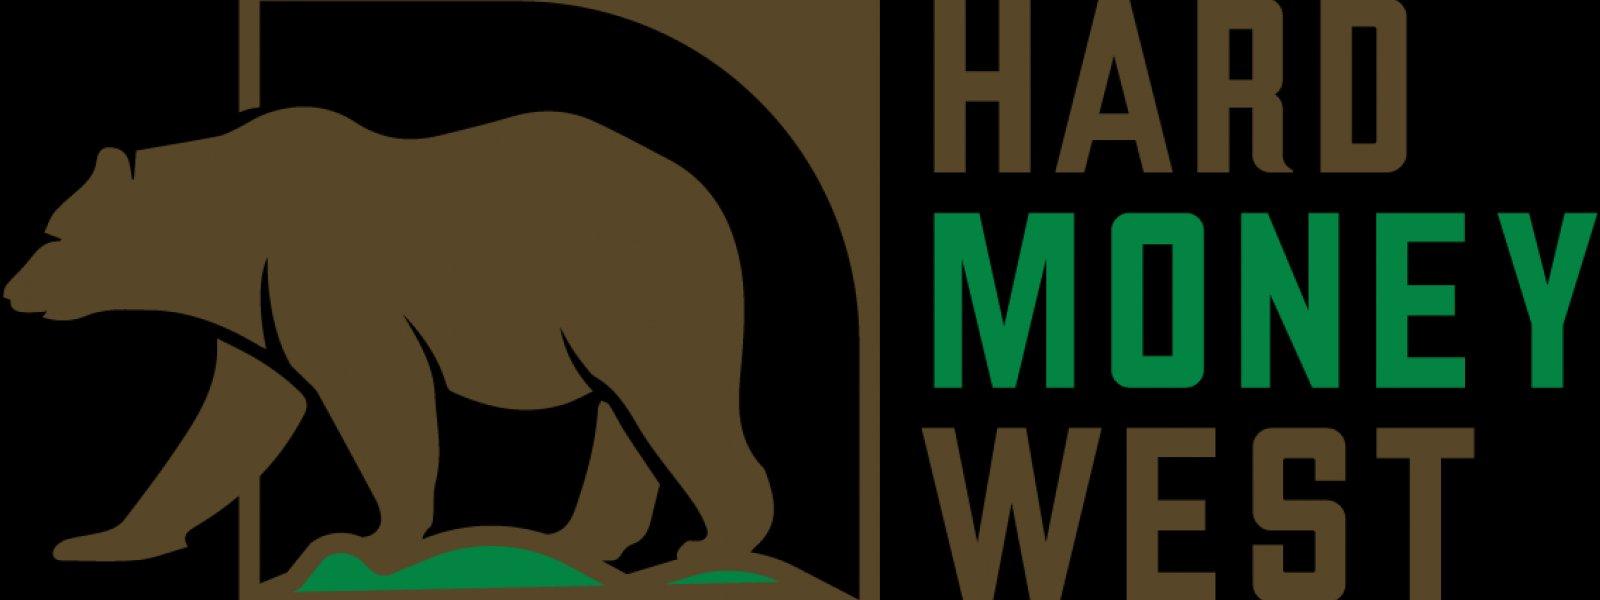 Hard Money West - 1000 Town Center, Oxnard, CA | n49.com